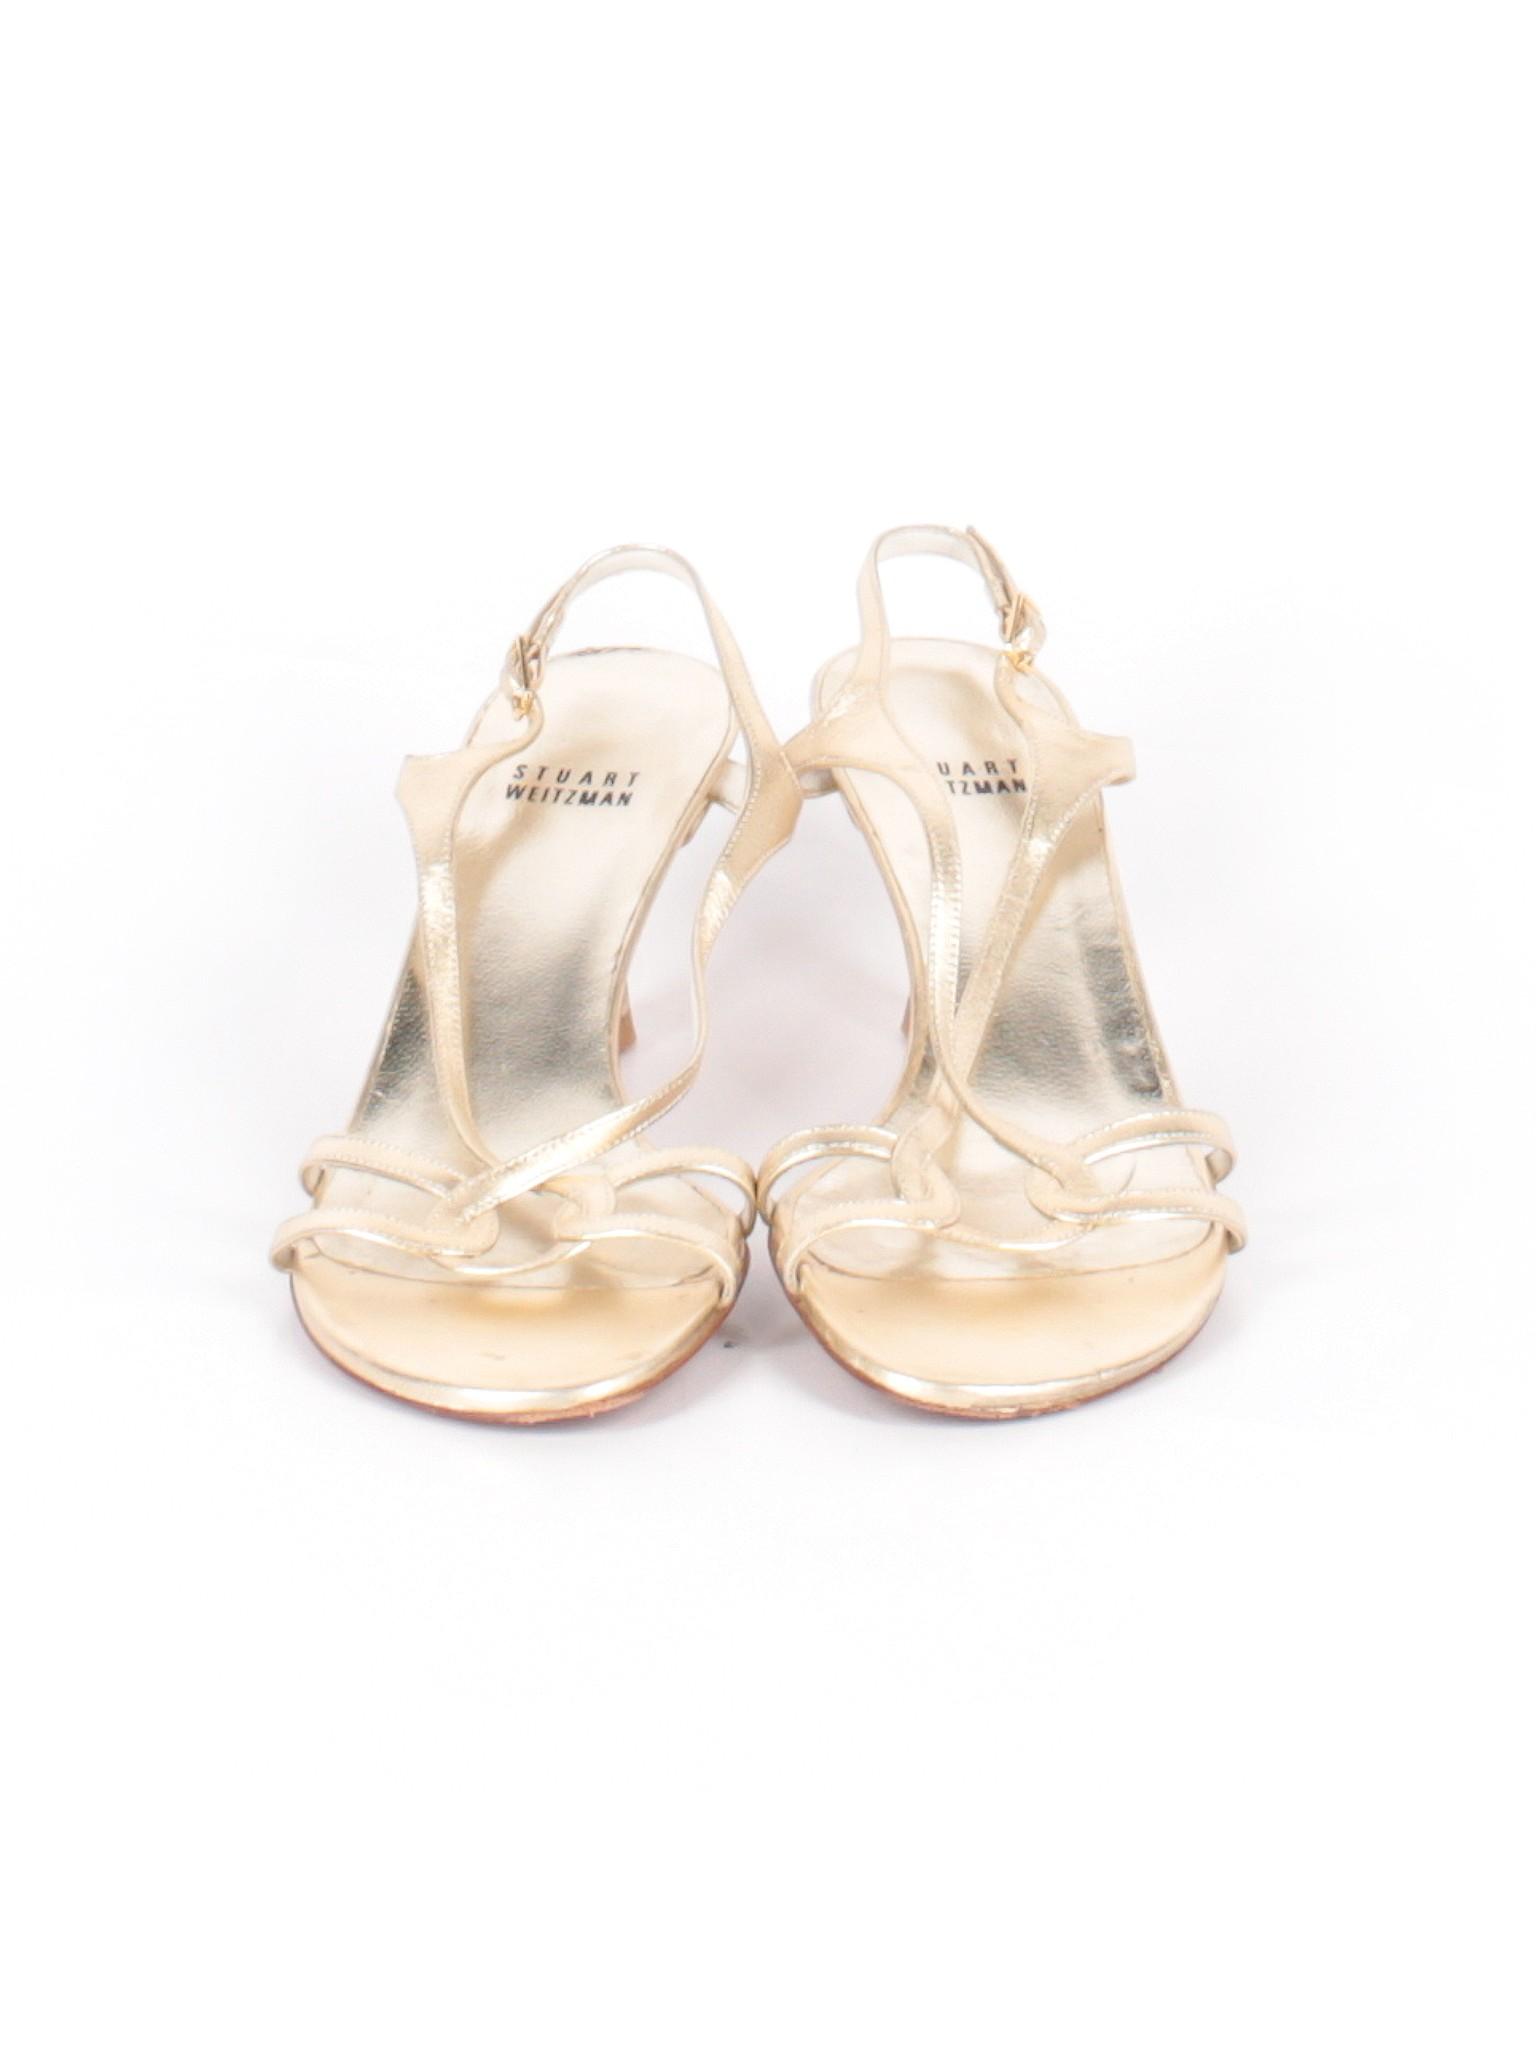 promotion Heels Heels promotion Weitzman Stuart Weitzman Stuart Boutique Boutique qzXE4EwFx